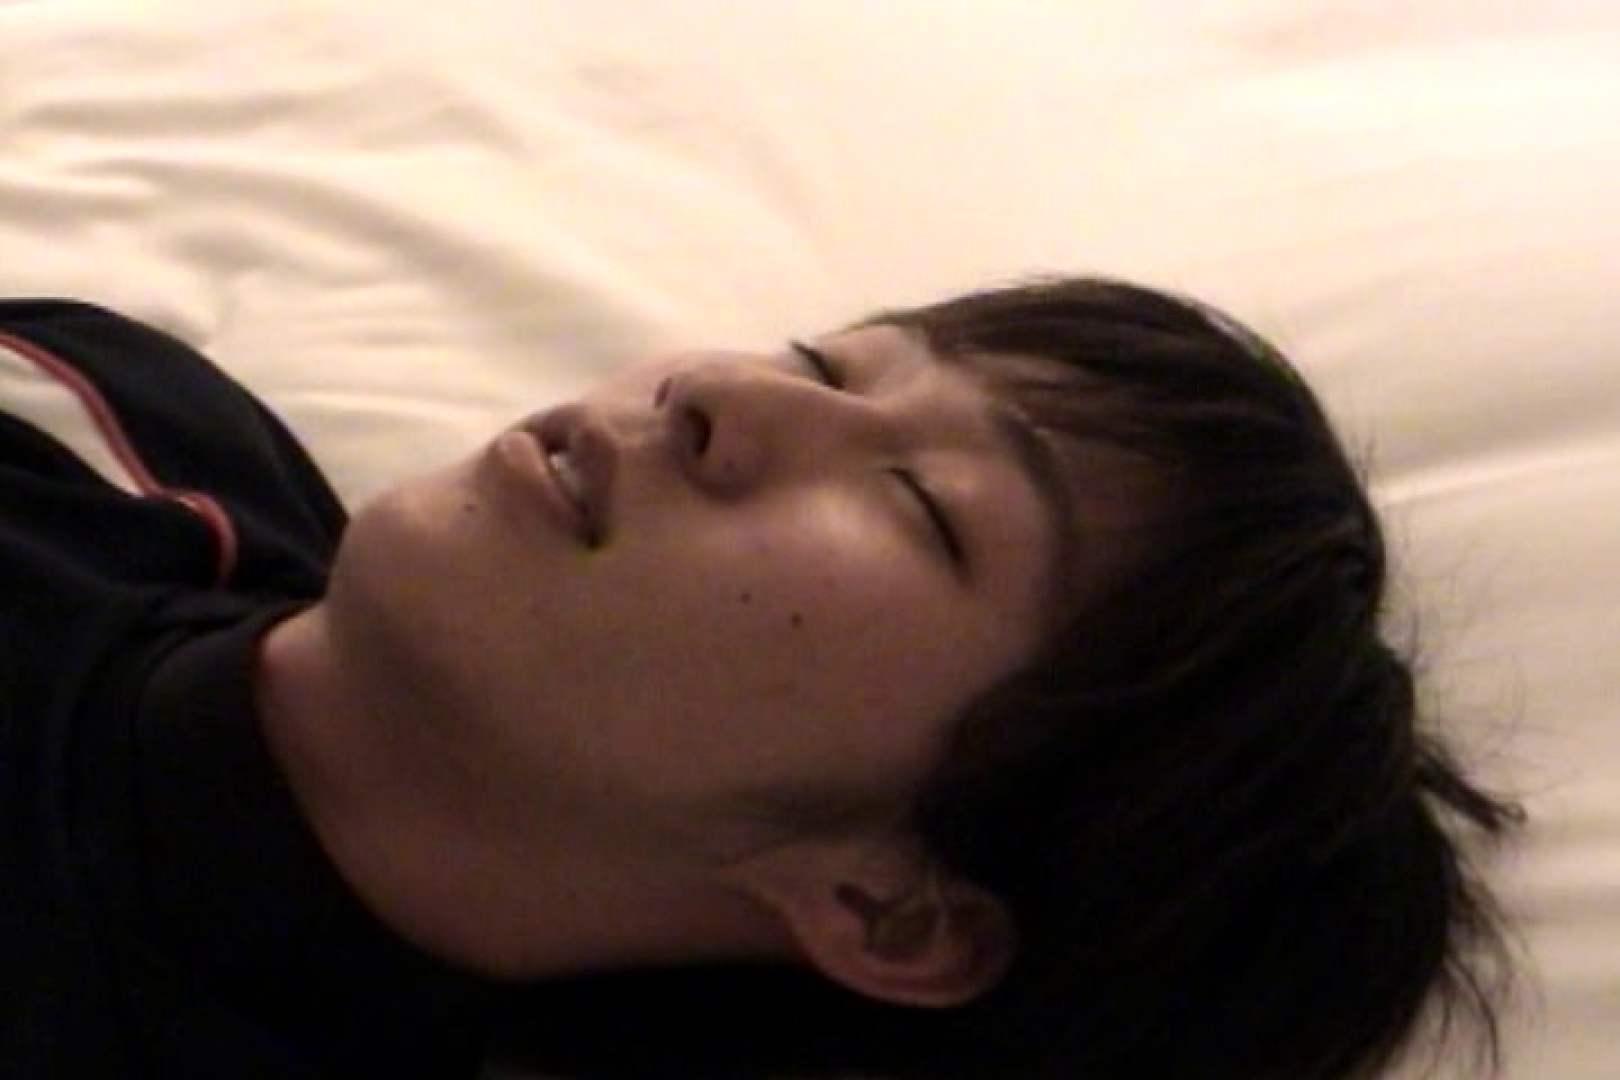 三ツ星シリーズ 魅惑のMemorial Night!! vol.01 フェラ天国 ゲイアダルトビデオ画像 45pic 35